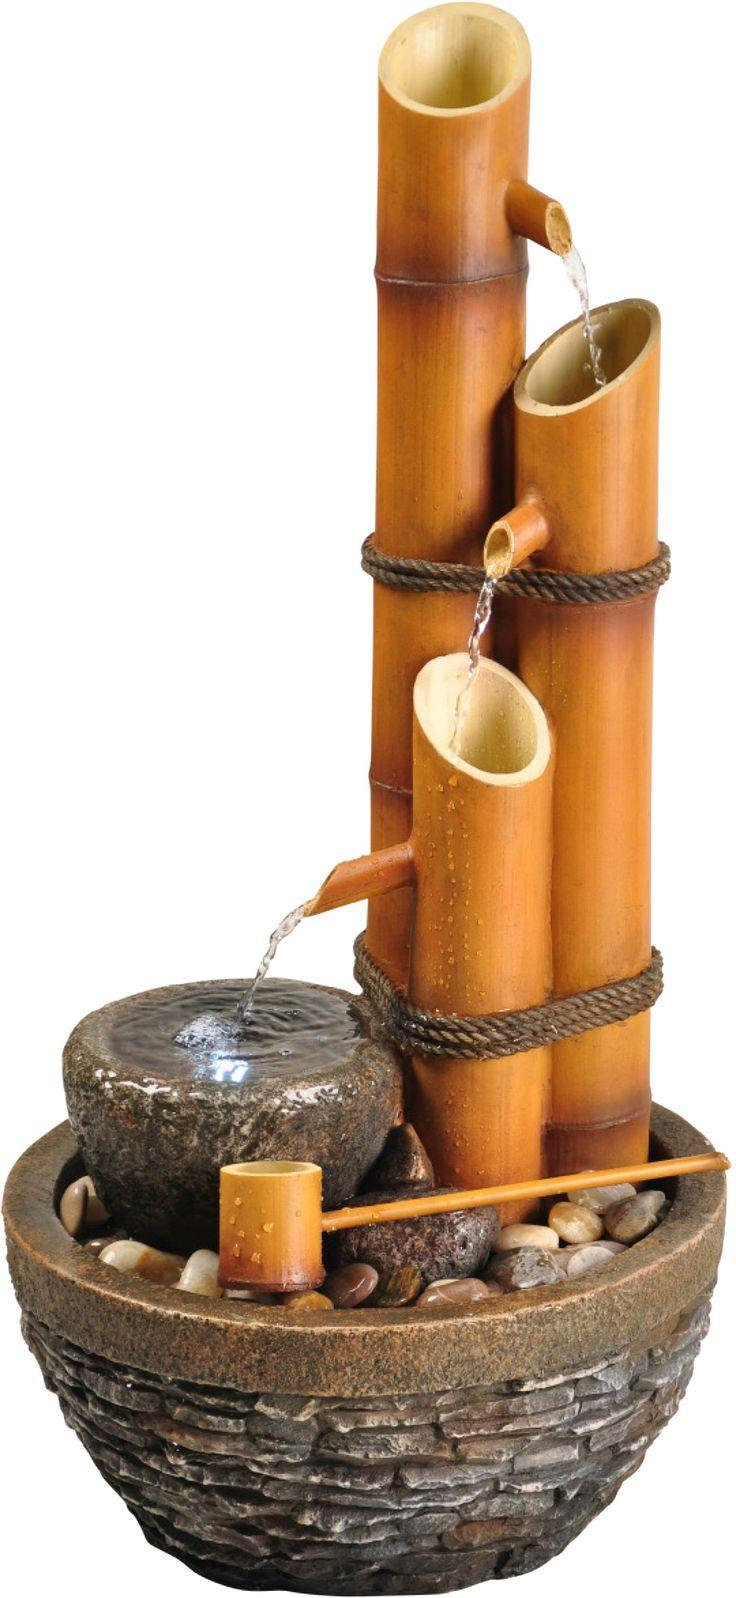 Làm cho góc của bạn trở nên ấm cúng hơn với đài phun nước tre tự nhiên